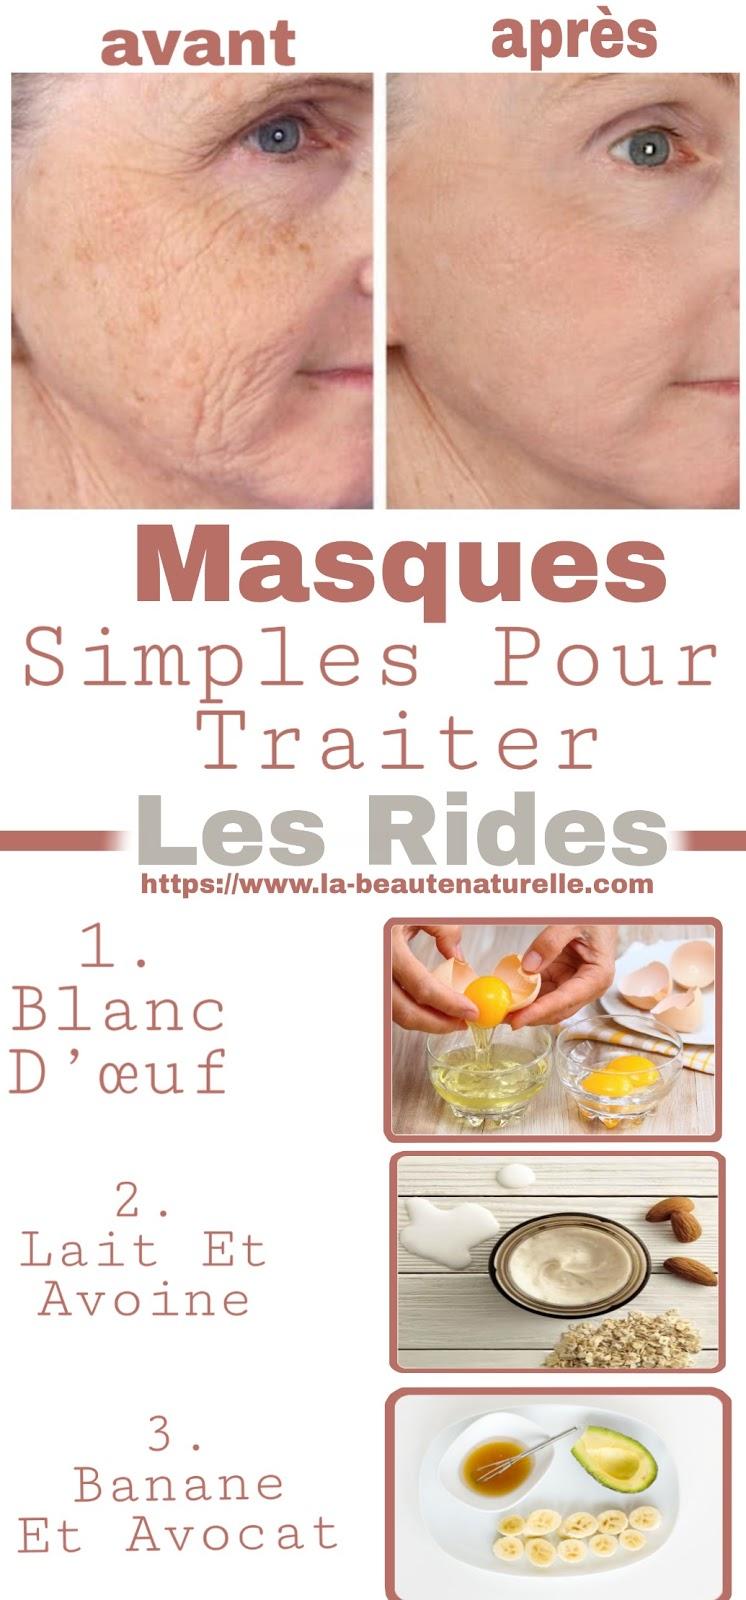 Masques Simples Pour Traiter Les Rides